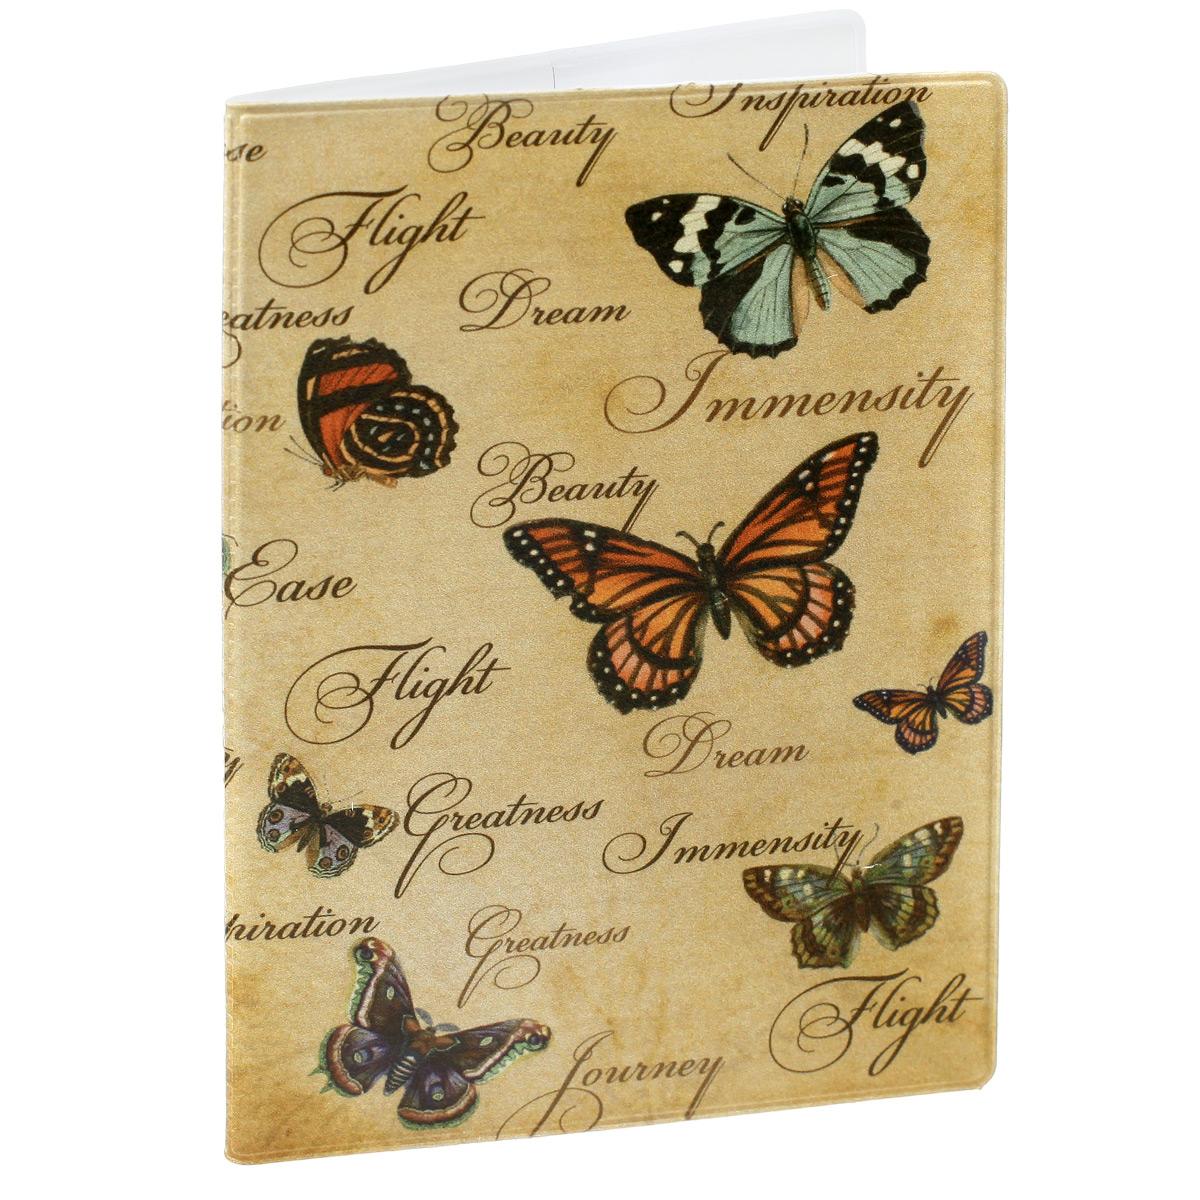 Обложка для паспорта Бабочки, цвет: песочный. 2905629056Обложка для паспорта Бабочки не только поможет сохранить внешний вид ваших документов и защитить их от повреждений, но и станет стильным аксессуаром, идеально подходящим вашему образу. Обложка выполнена из поливинилхлорида и оформлена оригинальным изображением бабочек. Внутри имеет два вертикальных кармана из прозрачного пластика. Такая обложка поможет вам подчеркнуть свою индивидуальность и неповторимость!